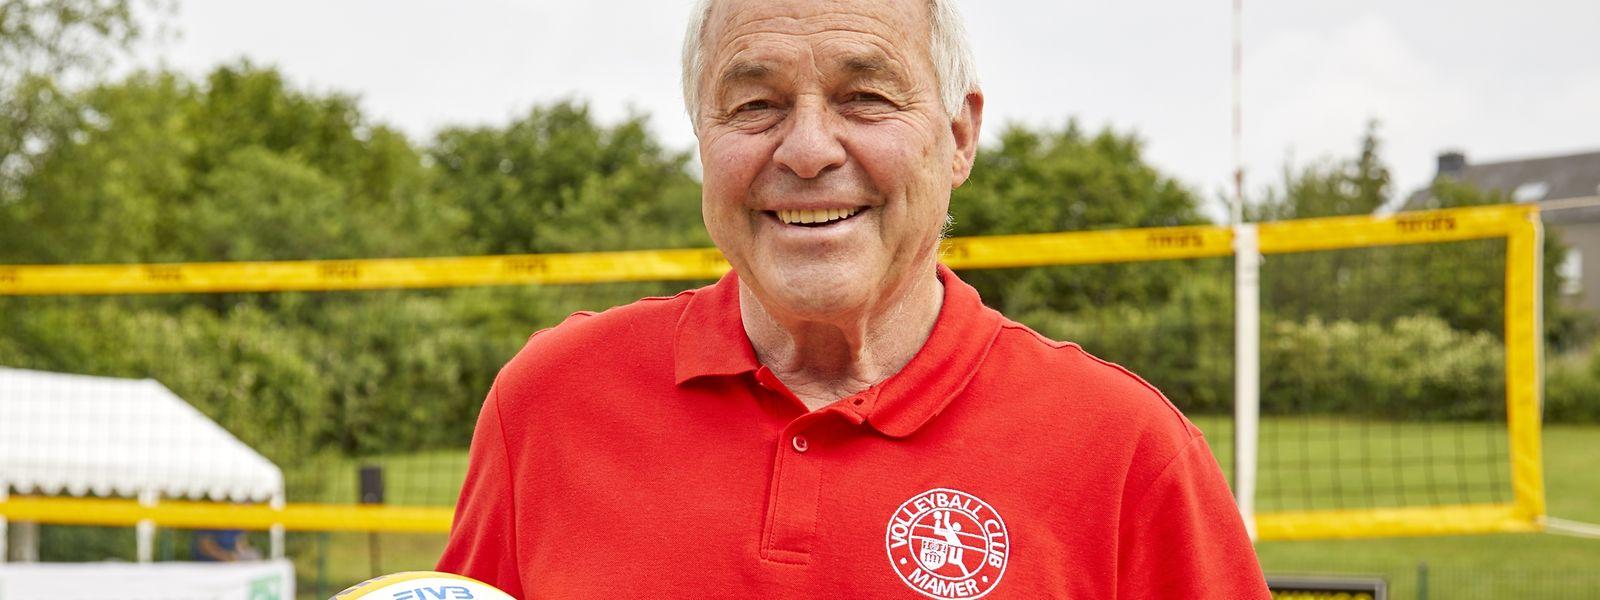 Seit 21 Jahren ist Fernand Jeitz der Präsident des VC Mamer.